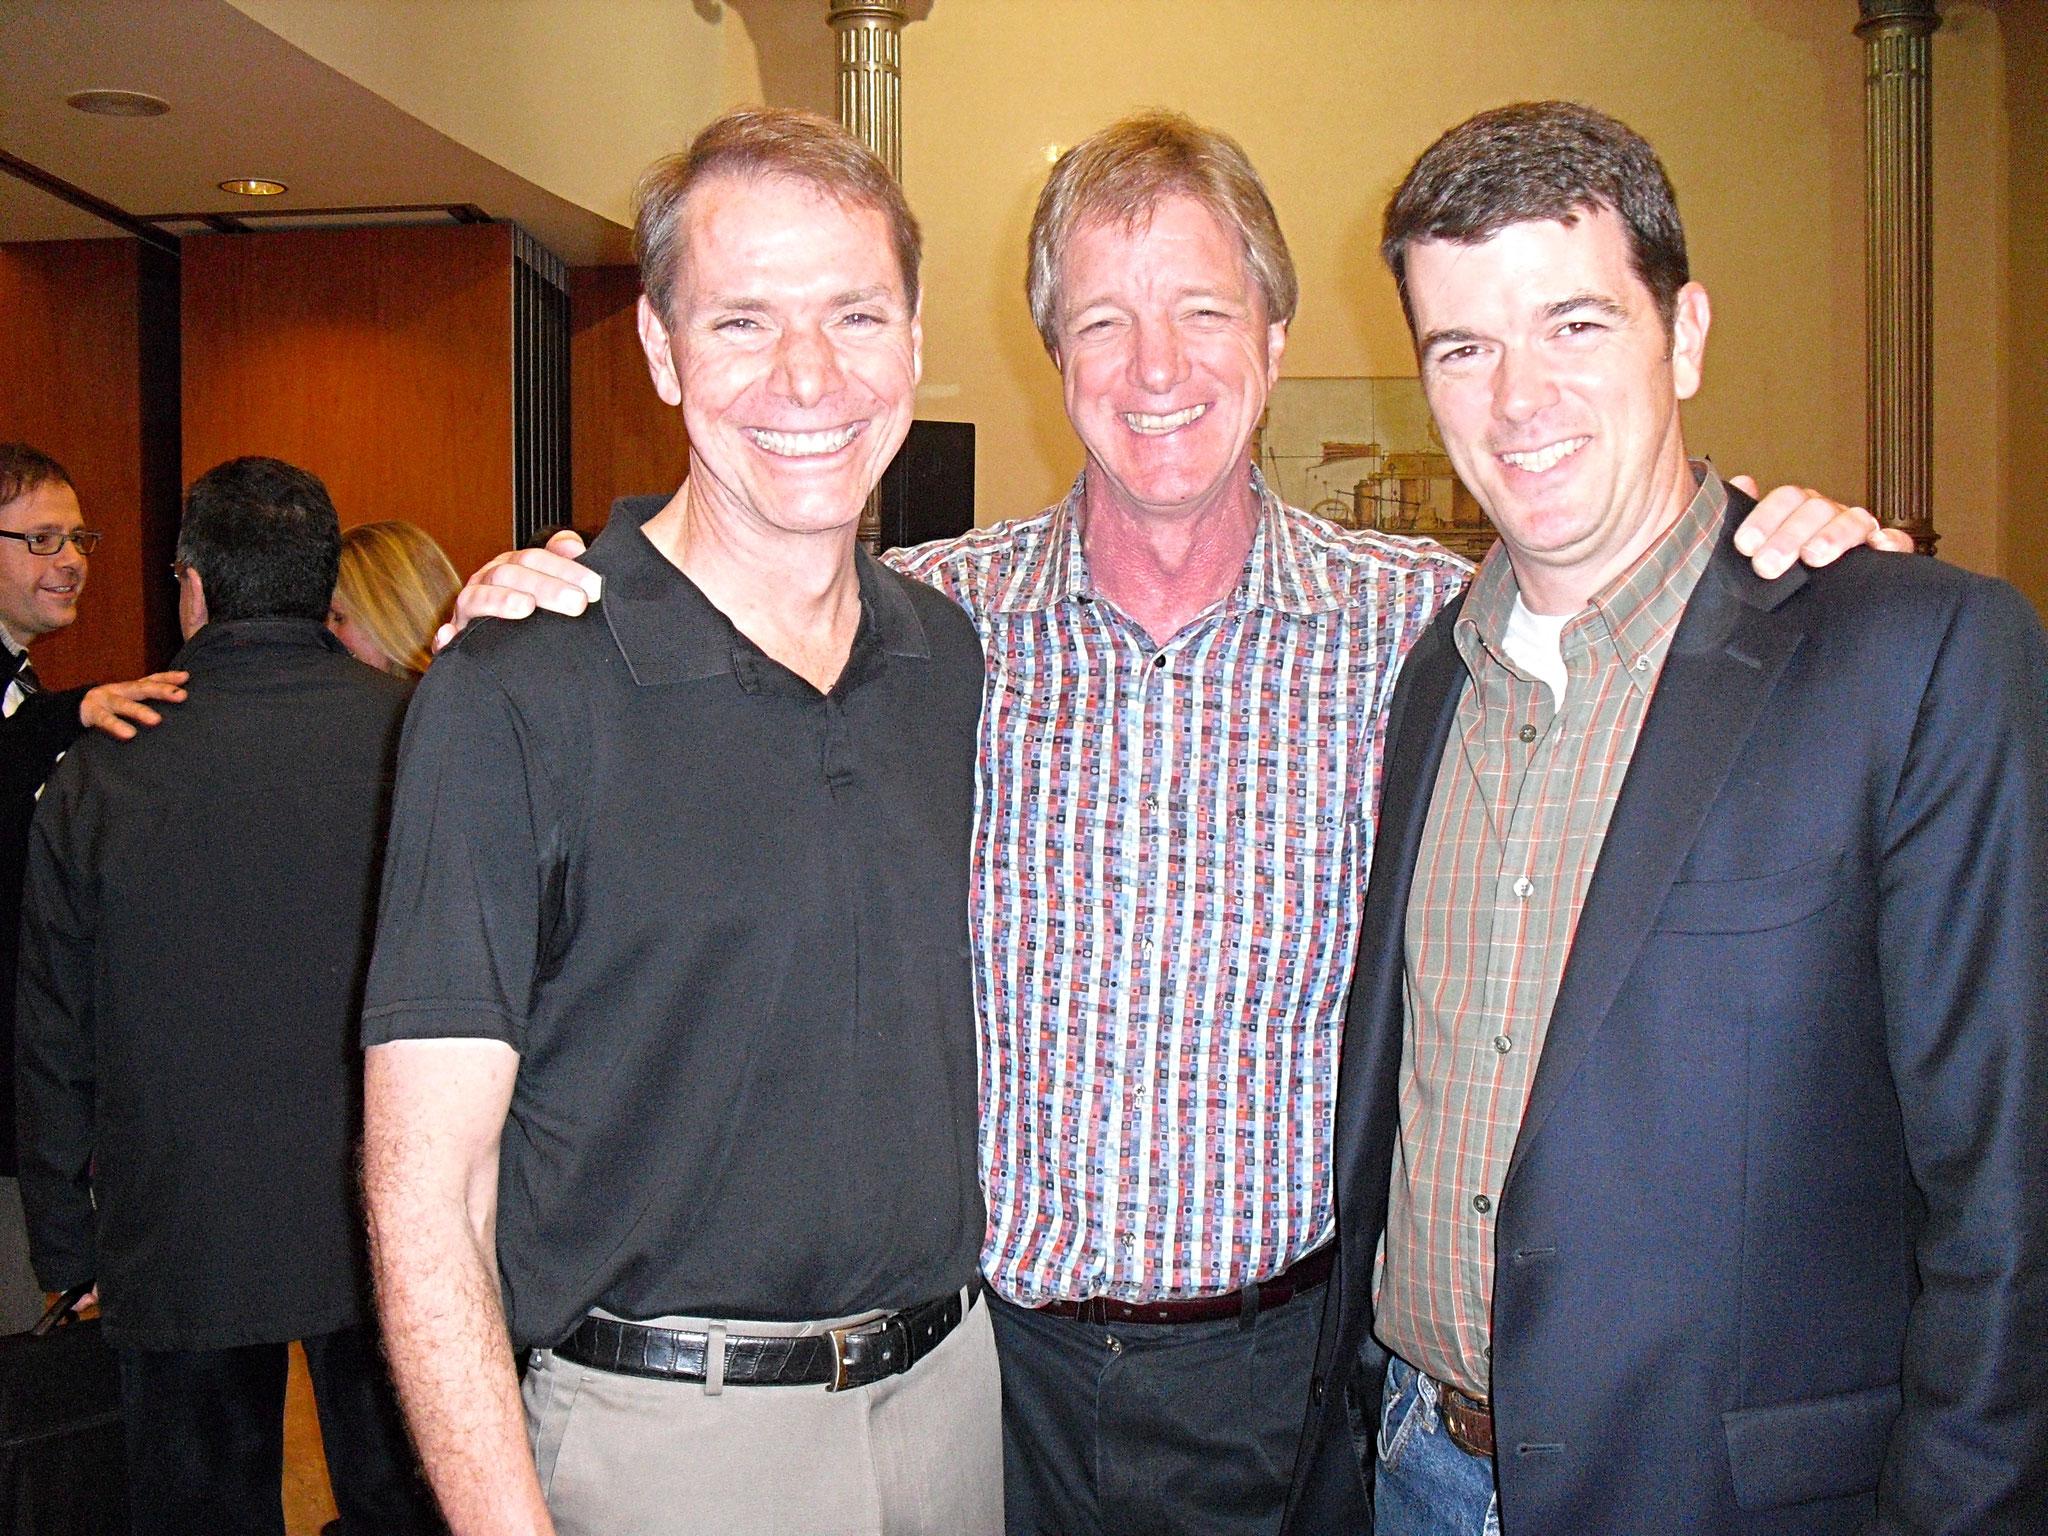 El equipo genial: R. Dilts, S. Guilligan y Patrick el traductor.